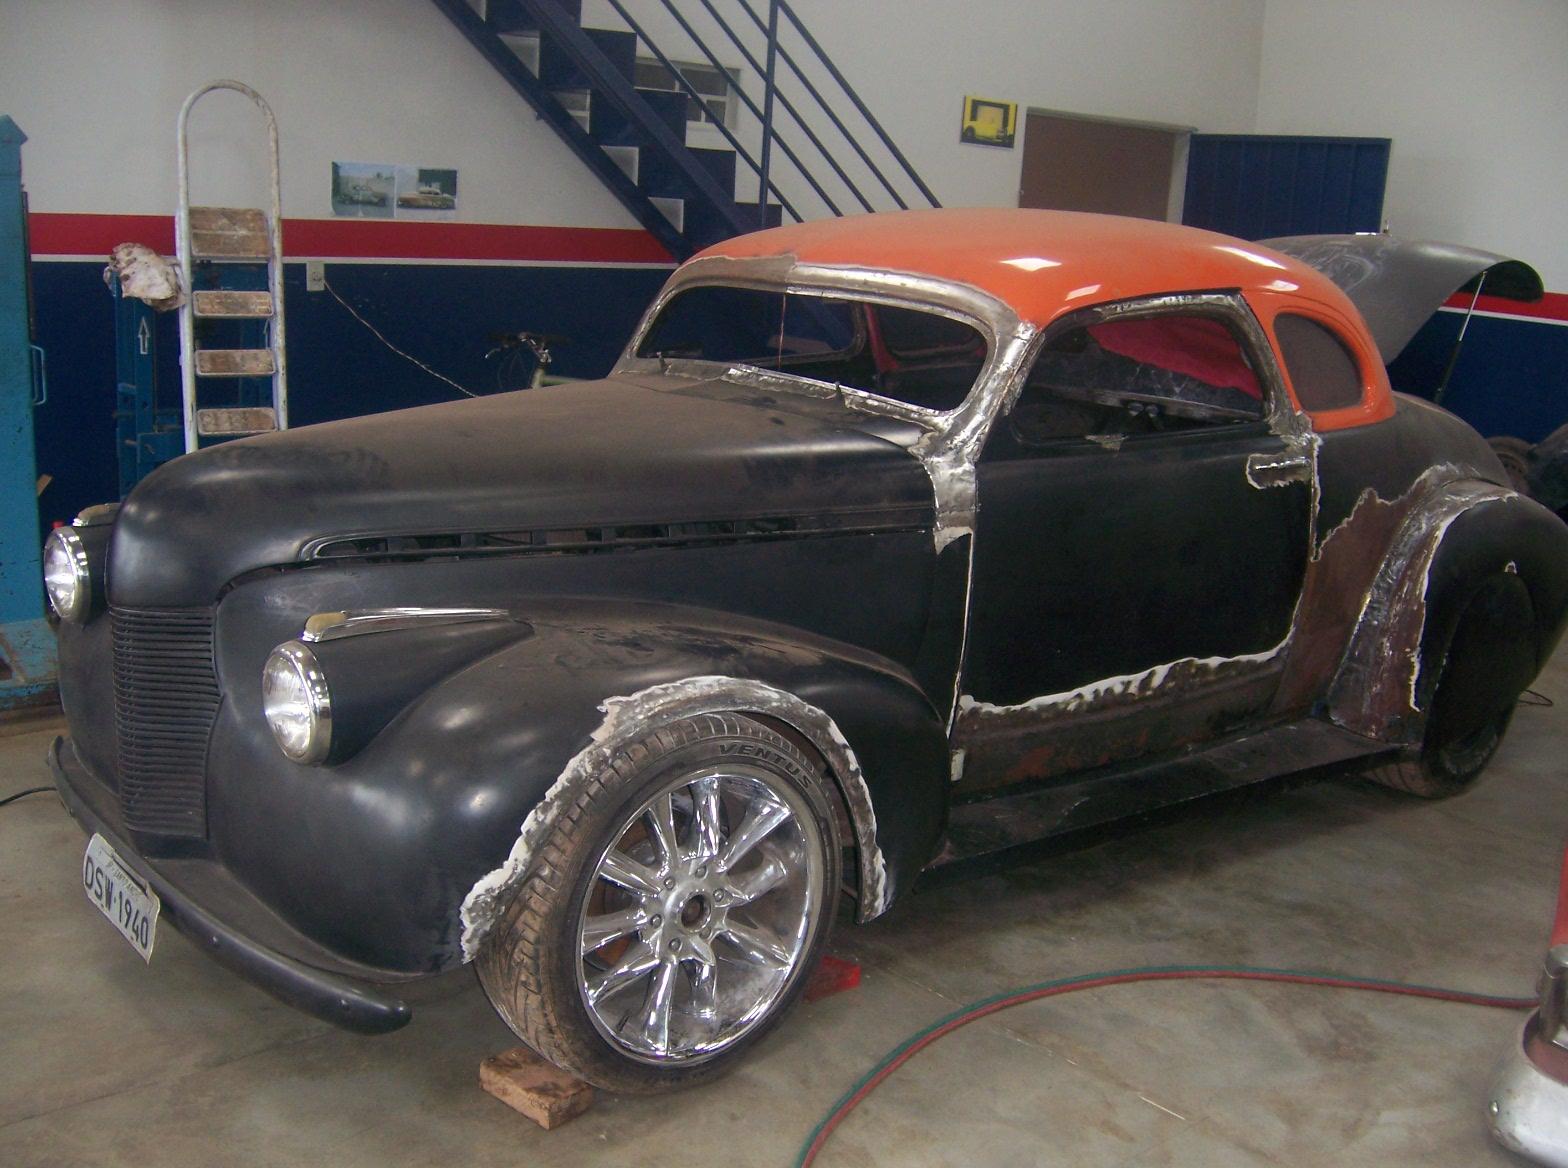 Via 21 Super Cars : Carros Antigos em Restauração e Restaurados